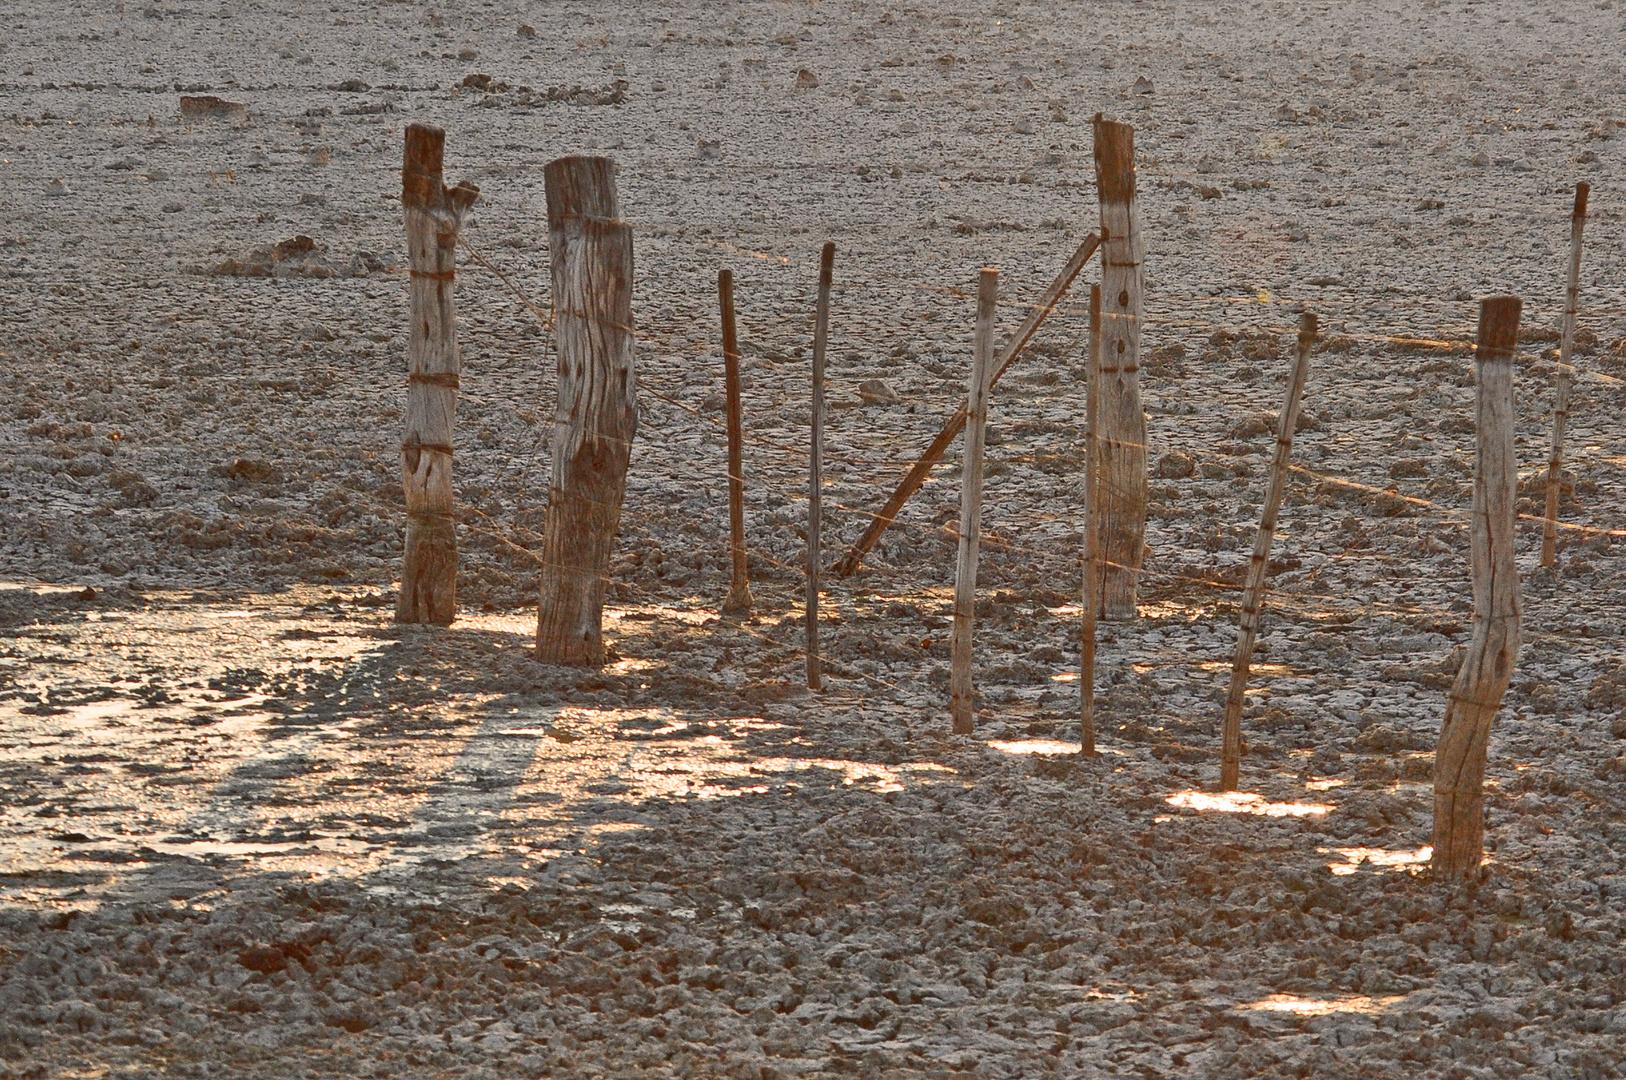 Namibische Zäune ohne Wasser